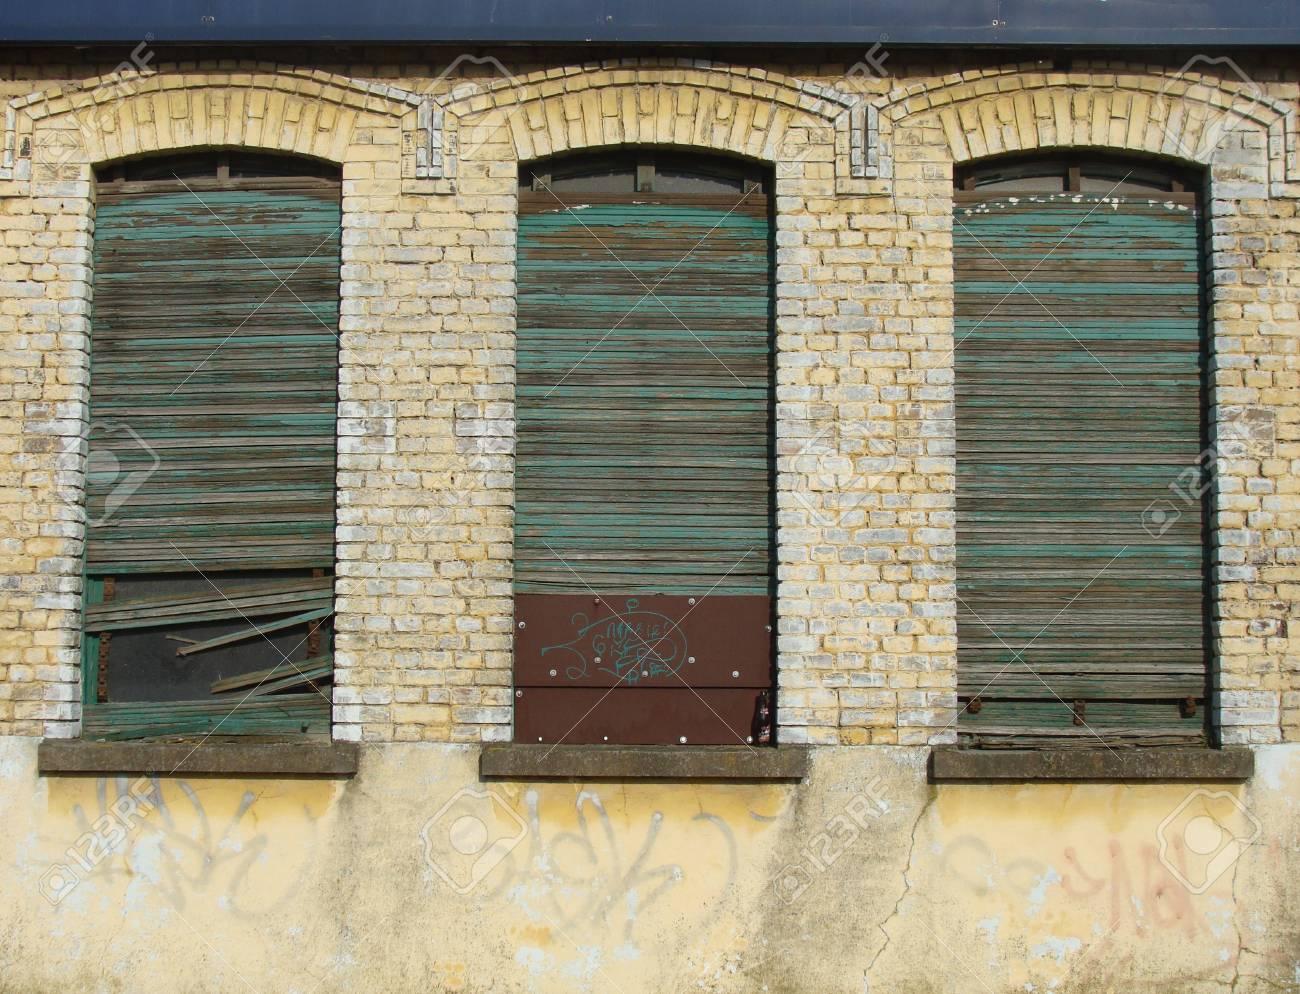 Full Size of Fenster Mit Integriert Kosten Rollo Preise Dreifachverglasung Einbauen Elektrischen Und Einbau Bauhaus Preis Rc3 Aluminium Jalousie Trocal Schlafzimmer Set Fenster Fenster Mit Rolladen